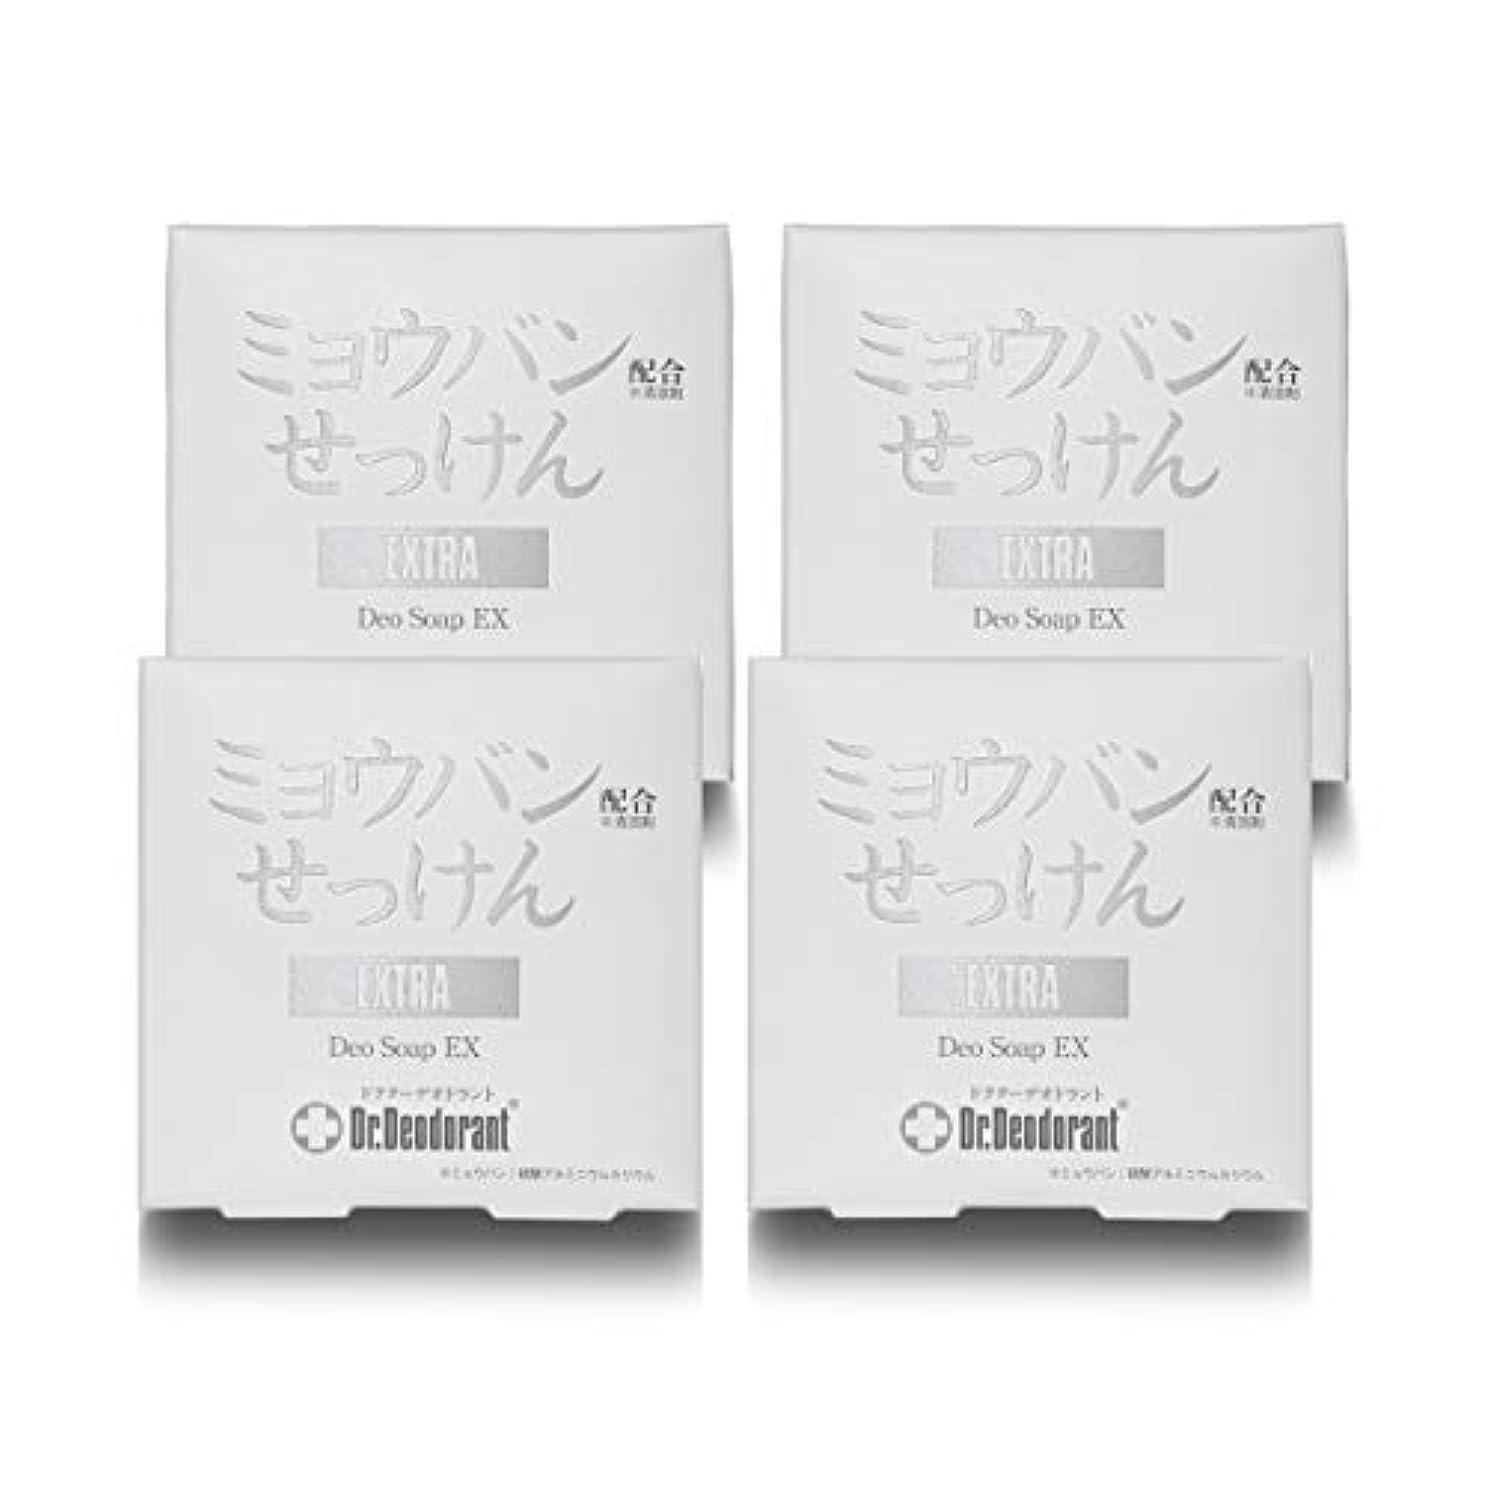 シャイニングラバ隔離するドクターデオドラント 薬用ミョウバンせっけんEX (4個セット)